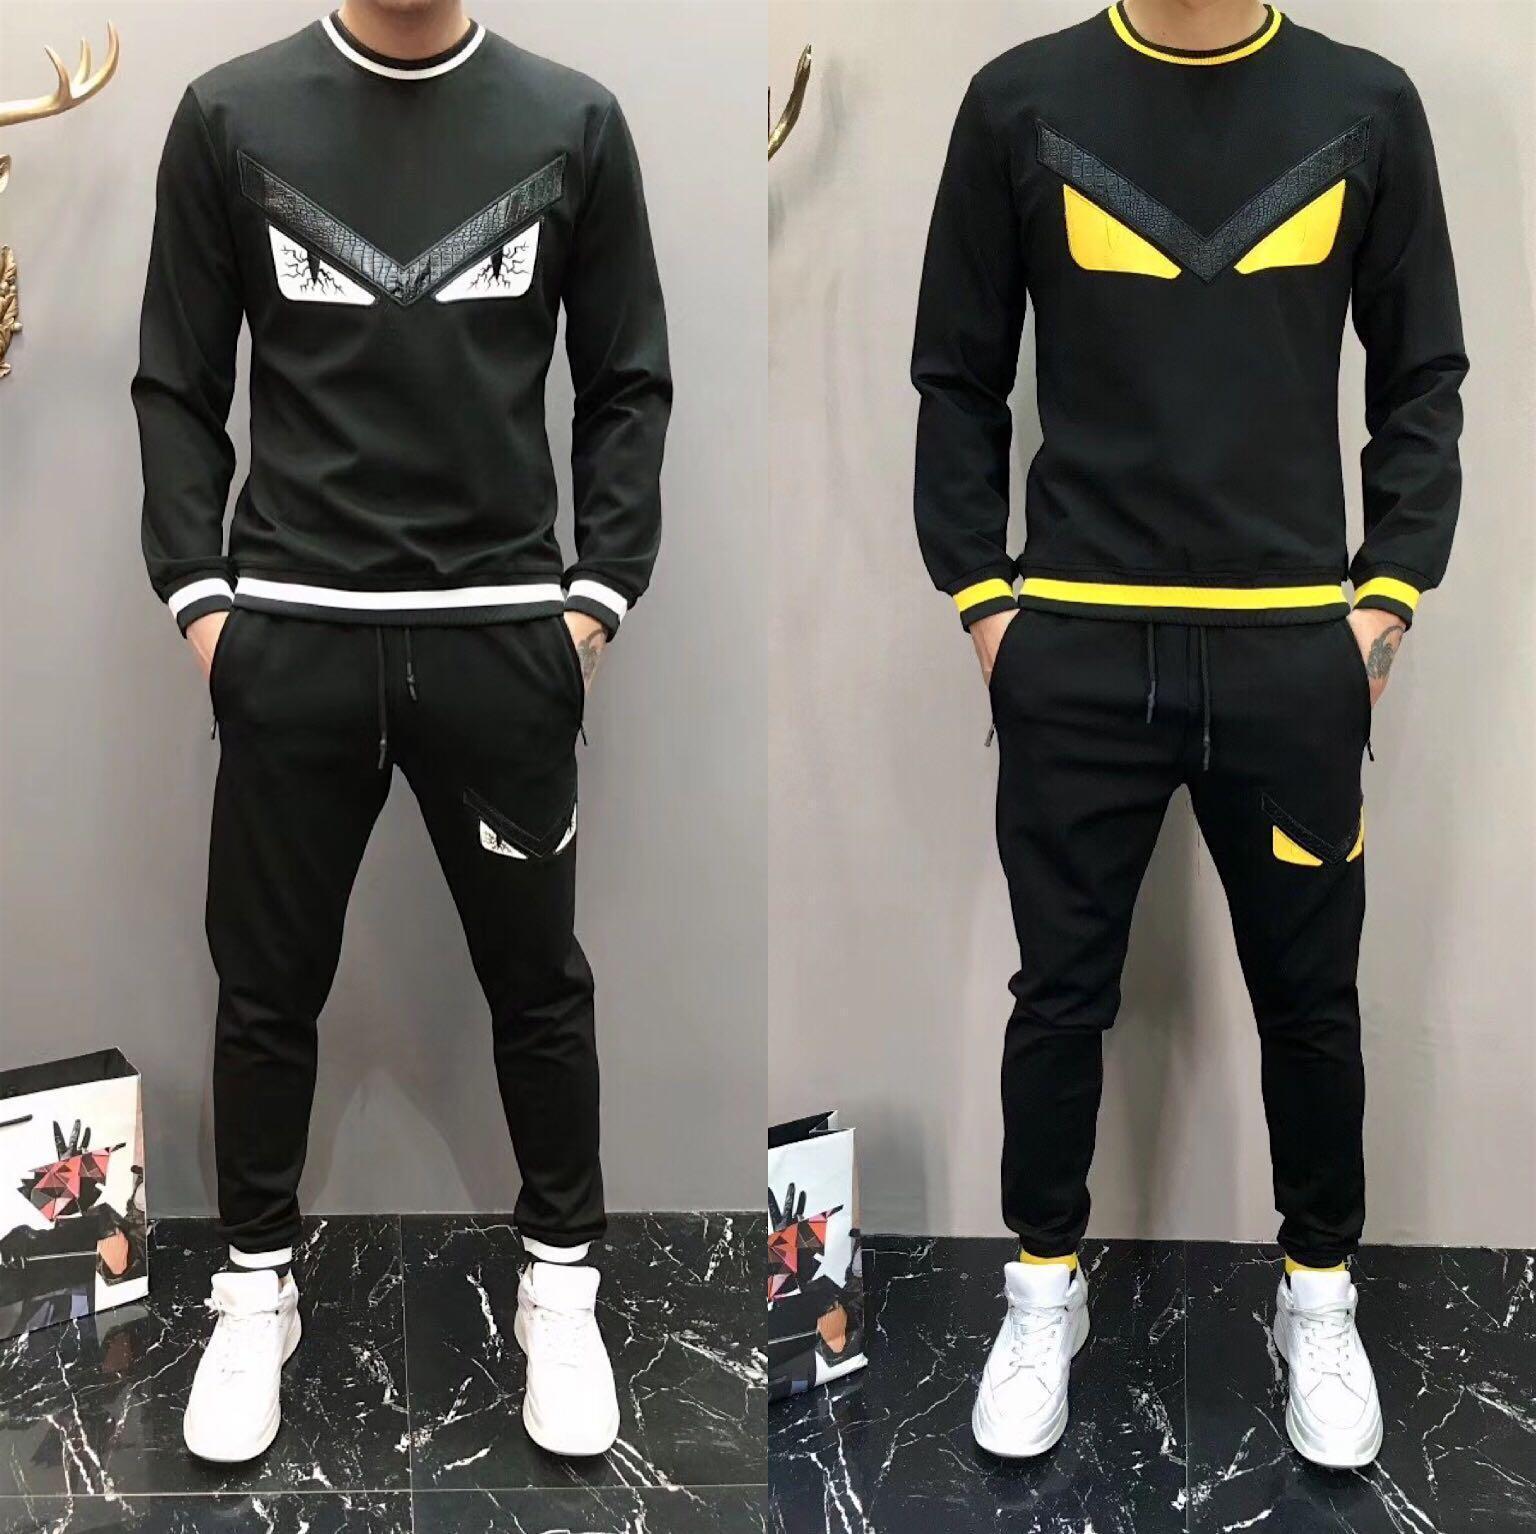 Yüksek Kaliteli Erkek Tişörtü Eşofman Marka Tasarım Giyim Erkek eşofman Ceketler Spor Moda L Tasarımcı Lüks Erkek Suits Sweat